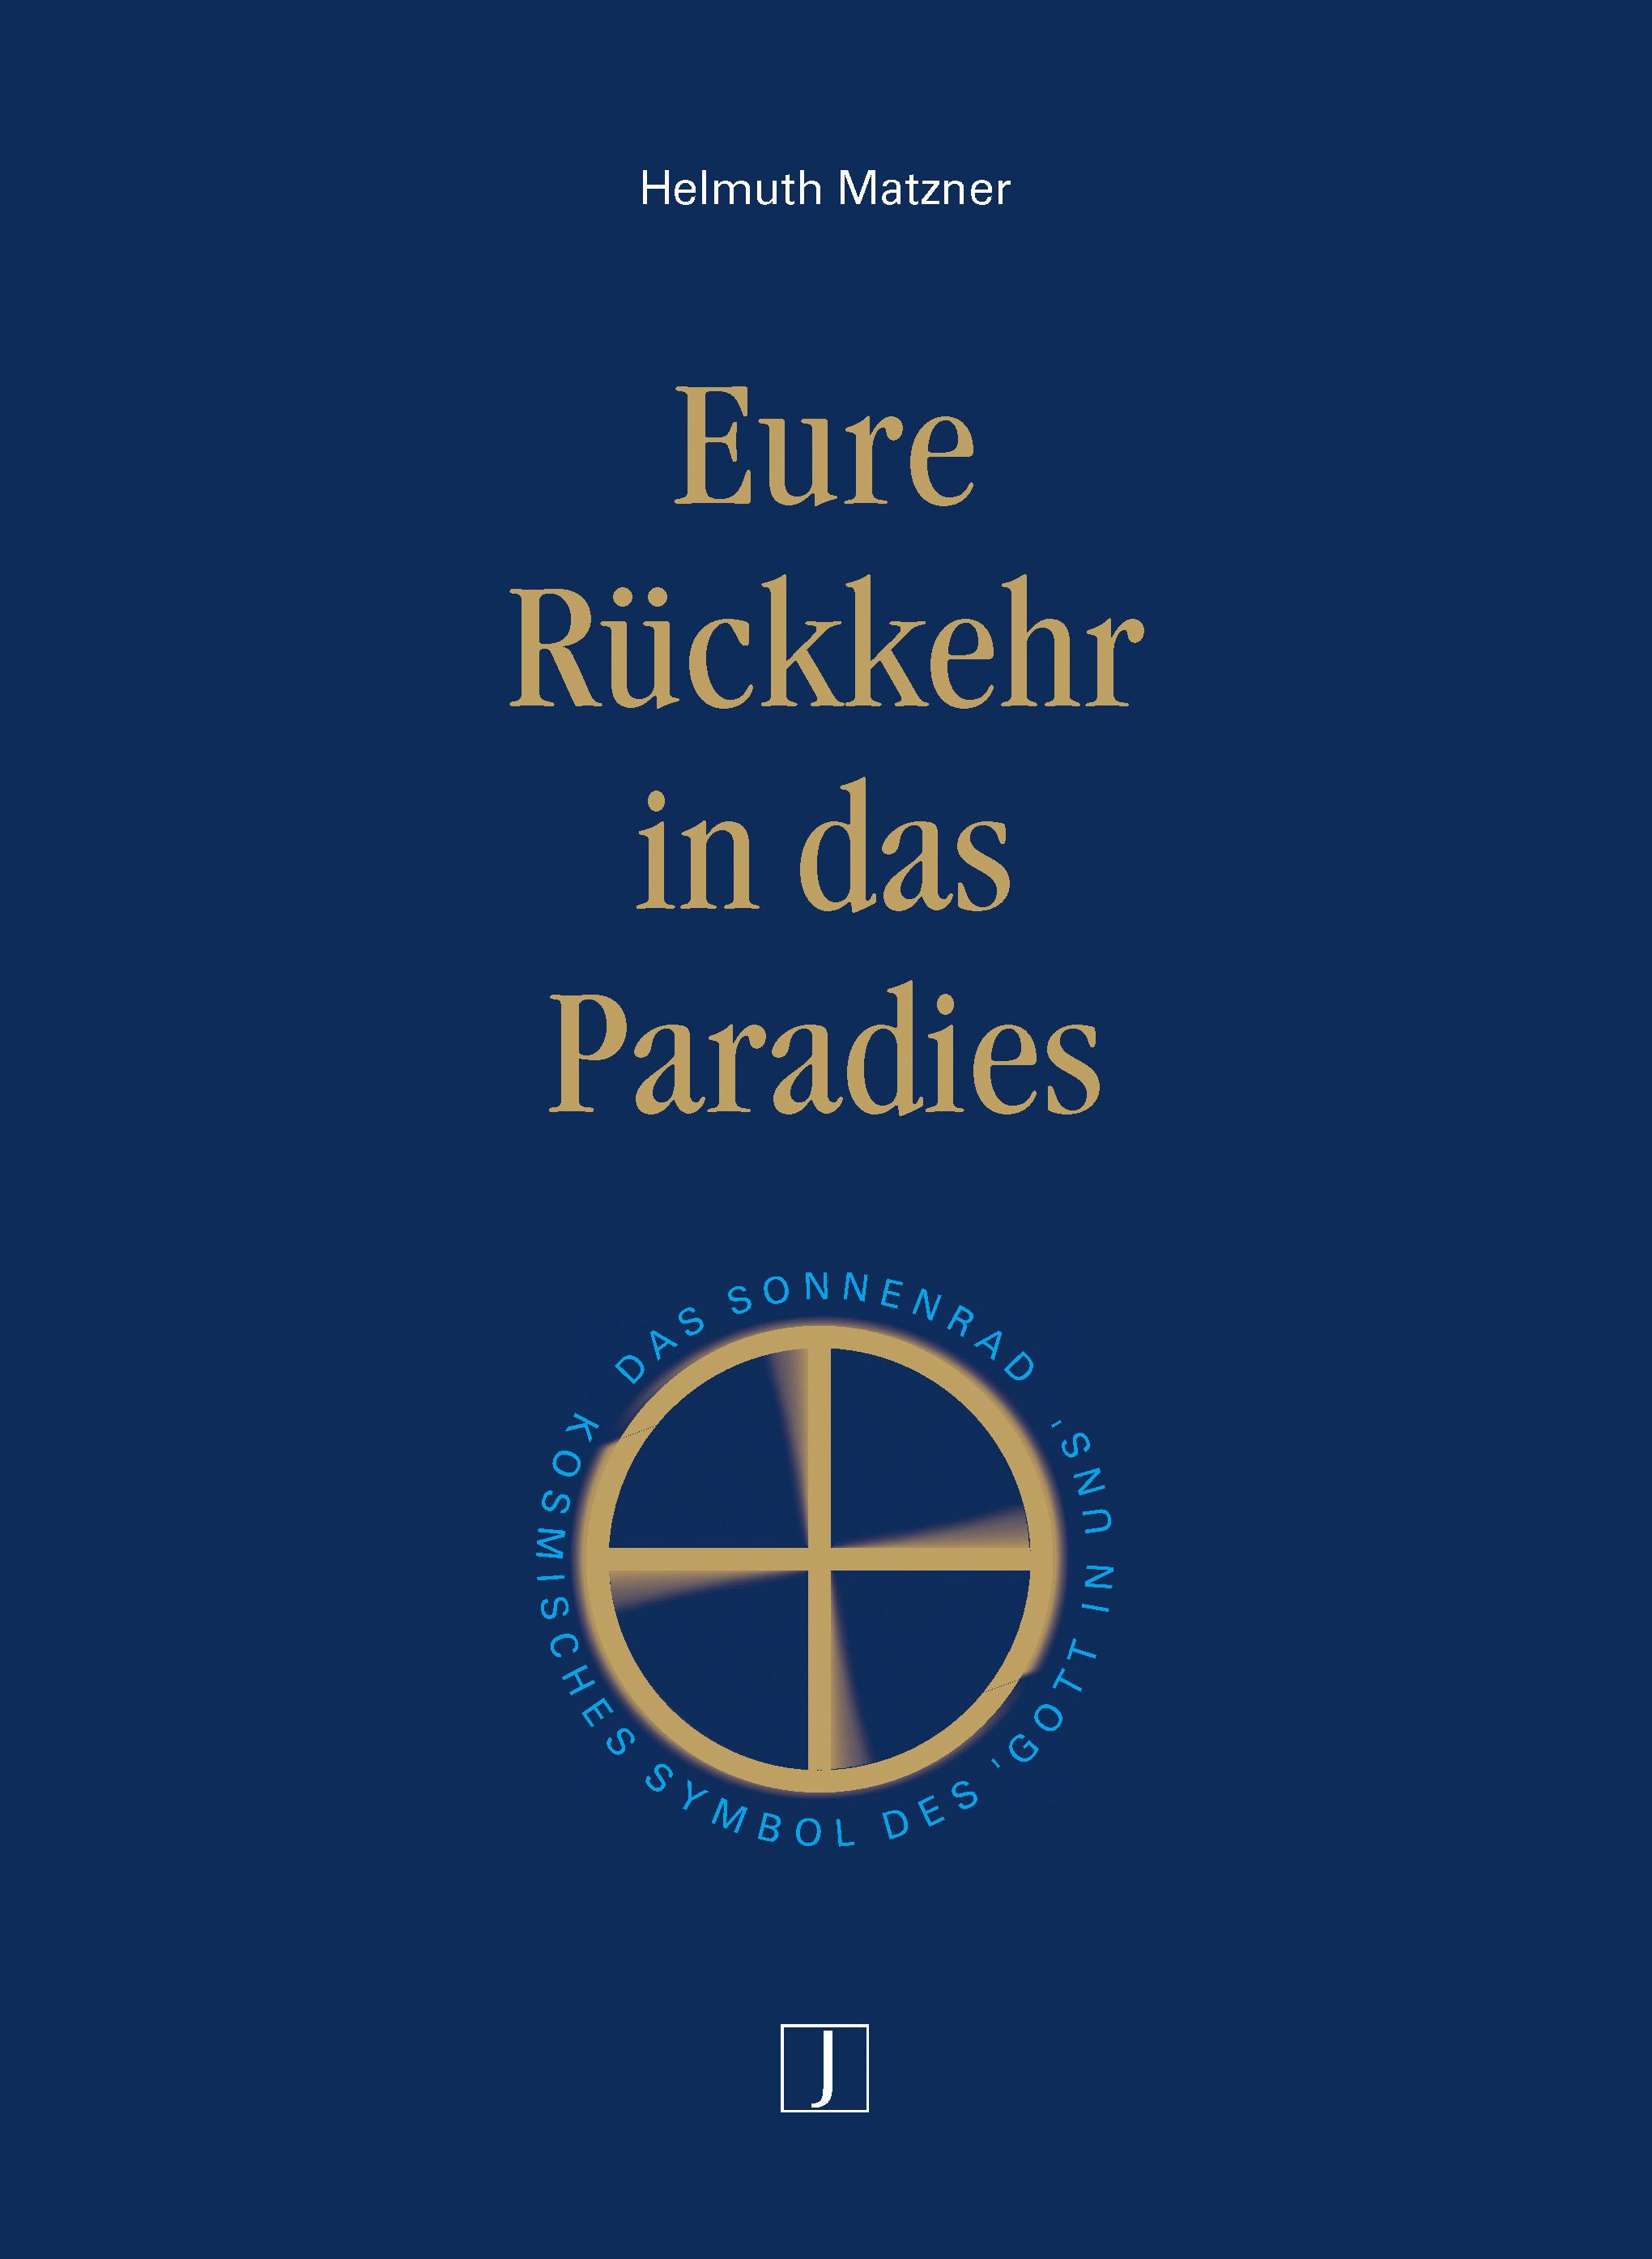 Eure Rückkehr in das Paradies - Helmuth Matzner